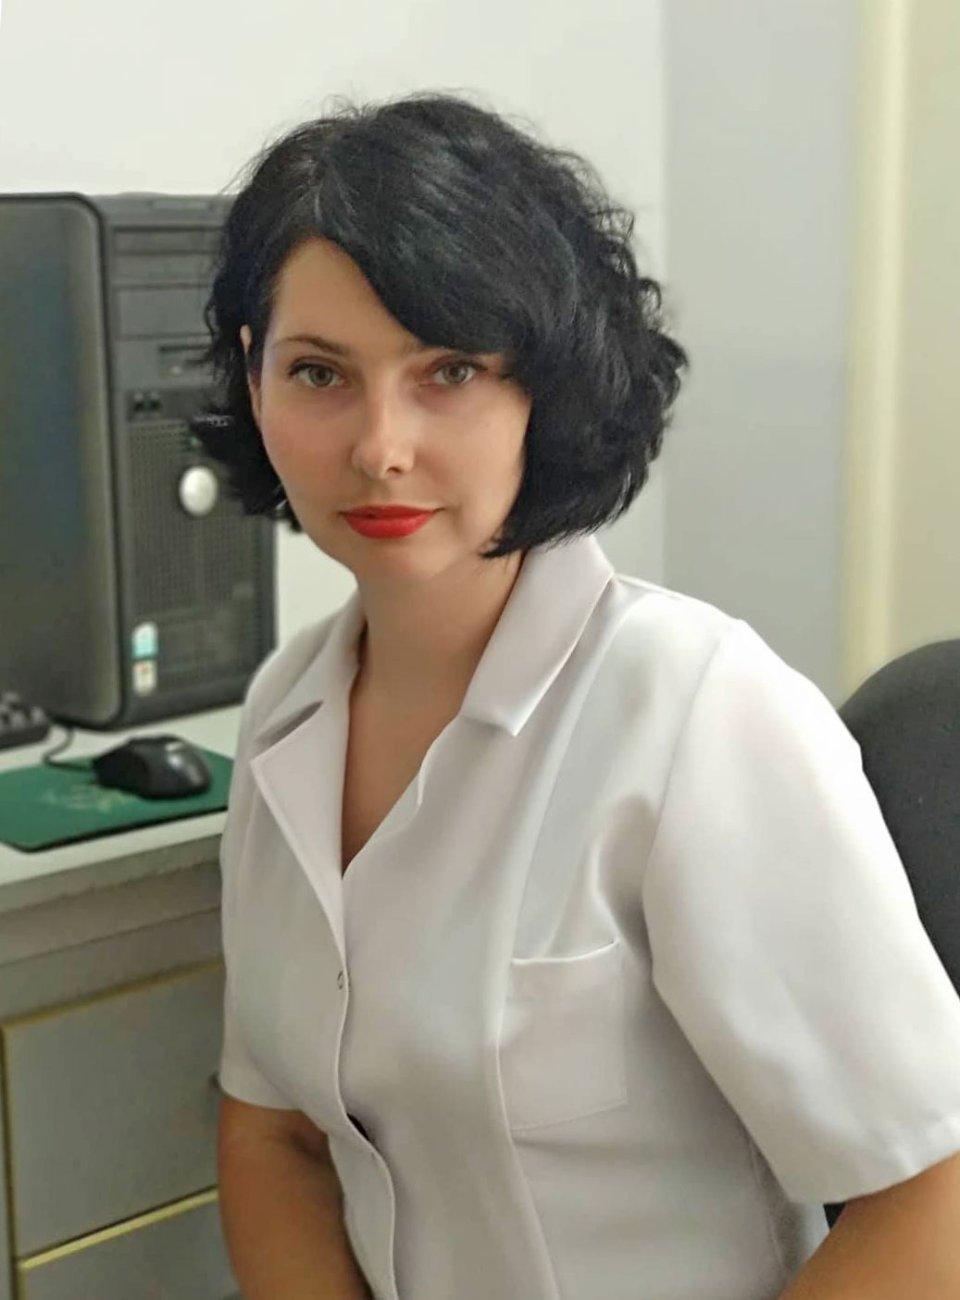 Тетяна Древицька / персональний архів